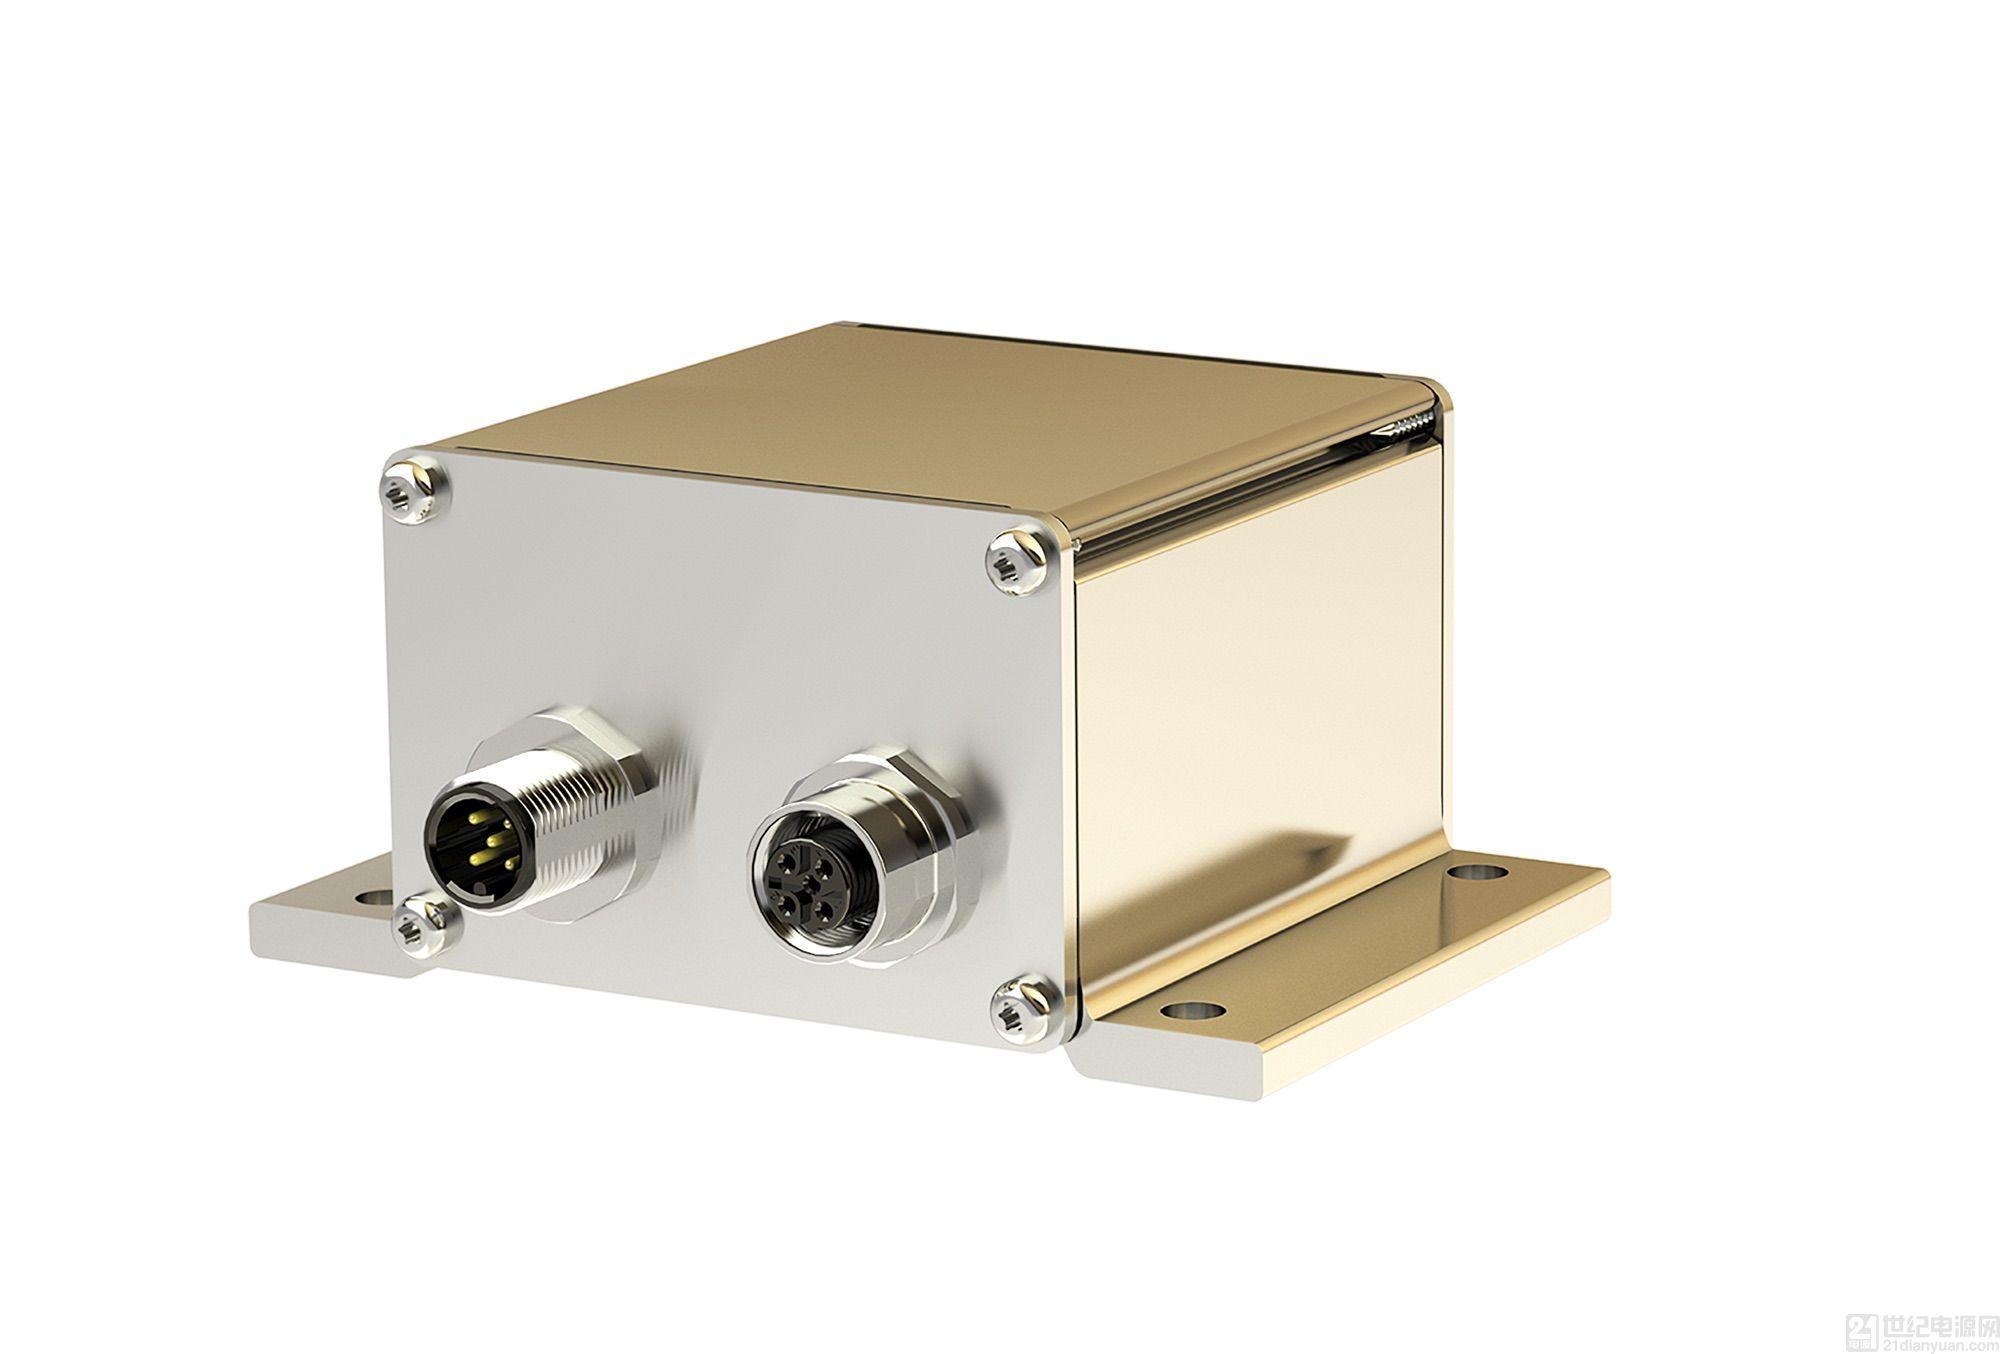 允许旋转 | 该倾角传感器系列现已通过一种特殊设备得到扩展